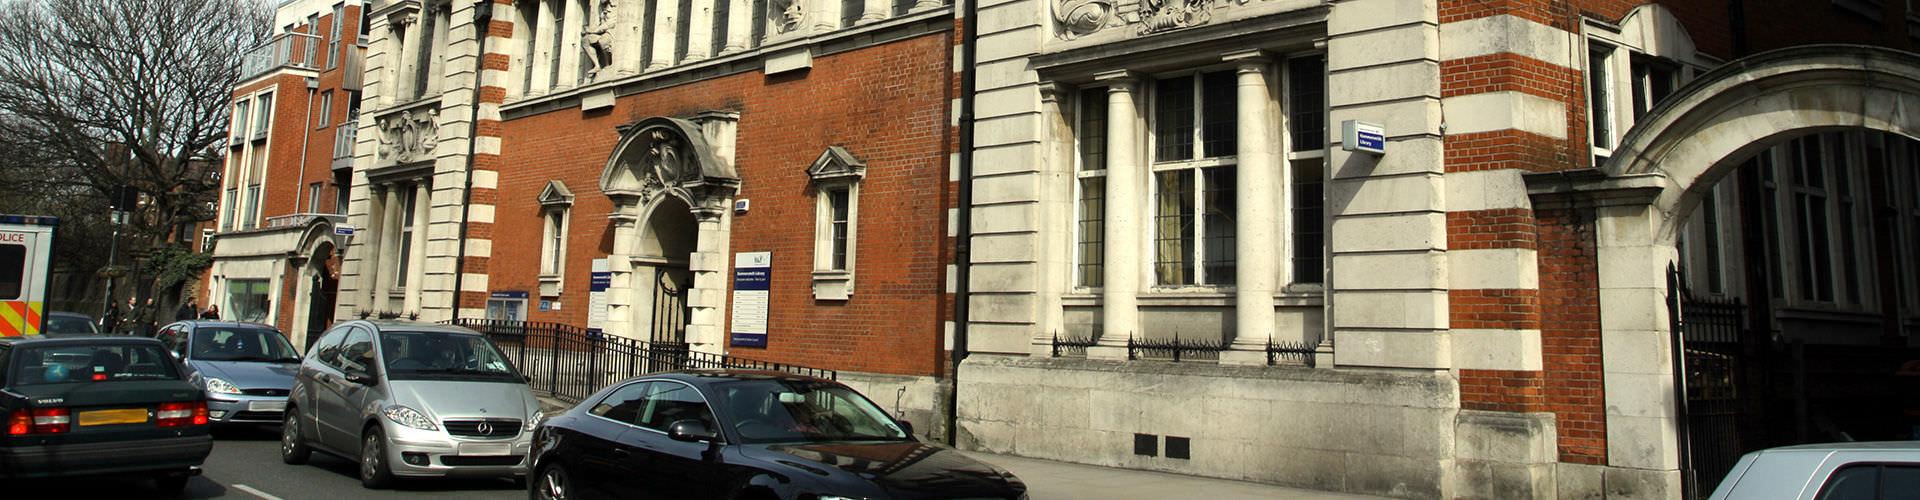 Londýn - Hostelů ve čtvrti Hammersmith Broadway. Mapy pro Londýn, fotky a recenze pro každý hostel v Londýn.